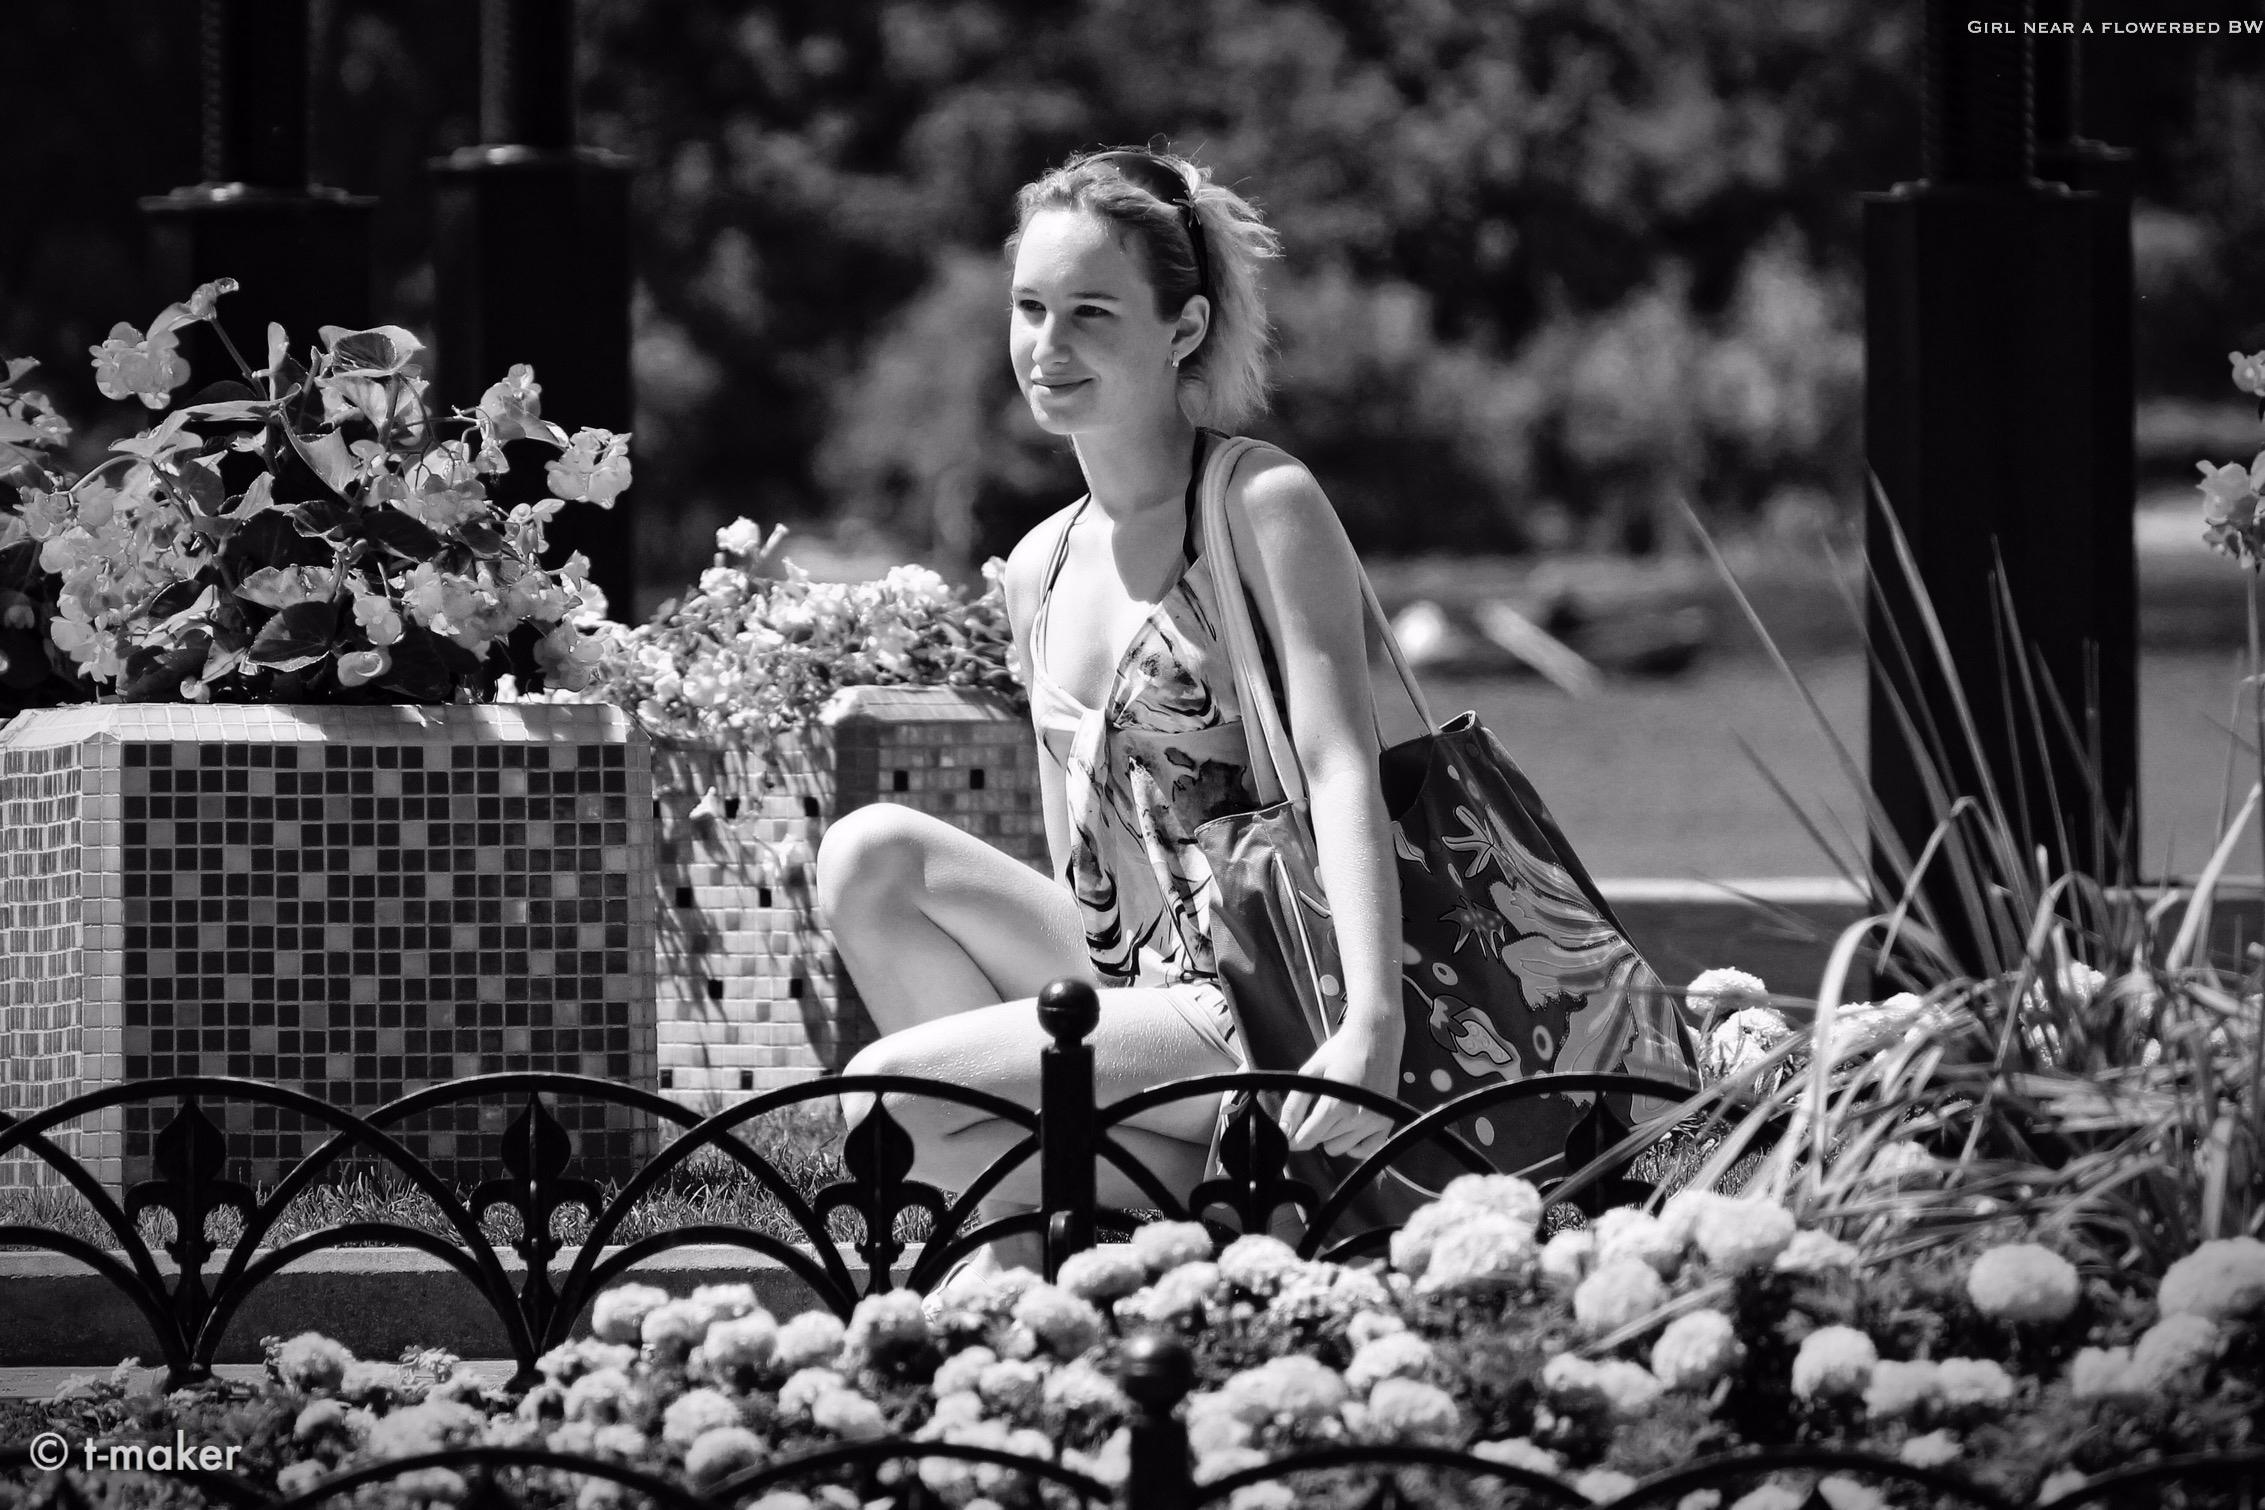 Girl flowerbed BW | Flickr: Dev - t-maker | ello